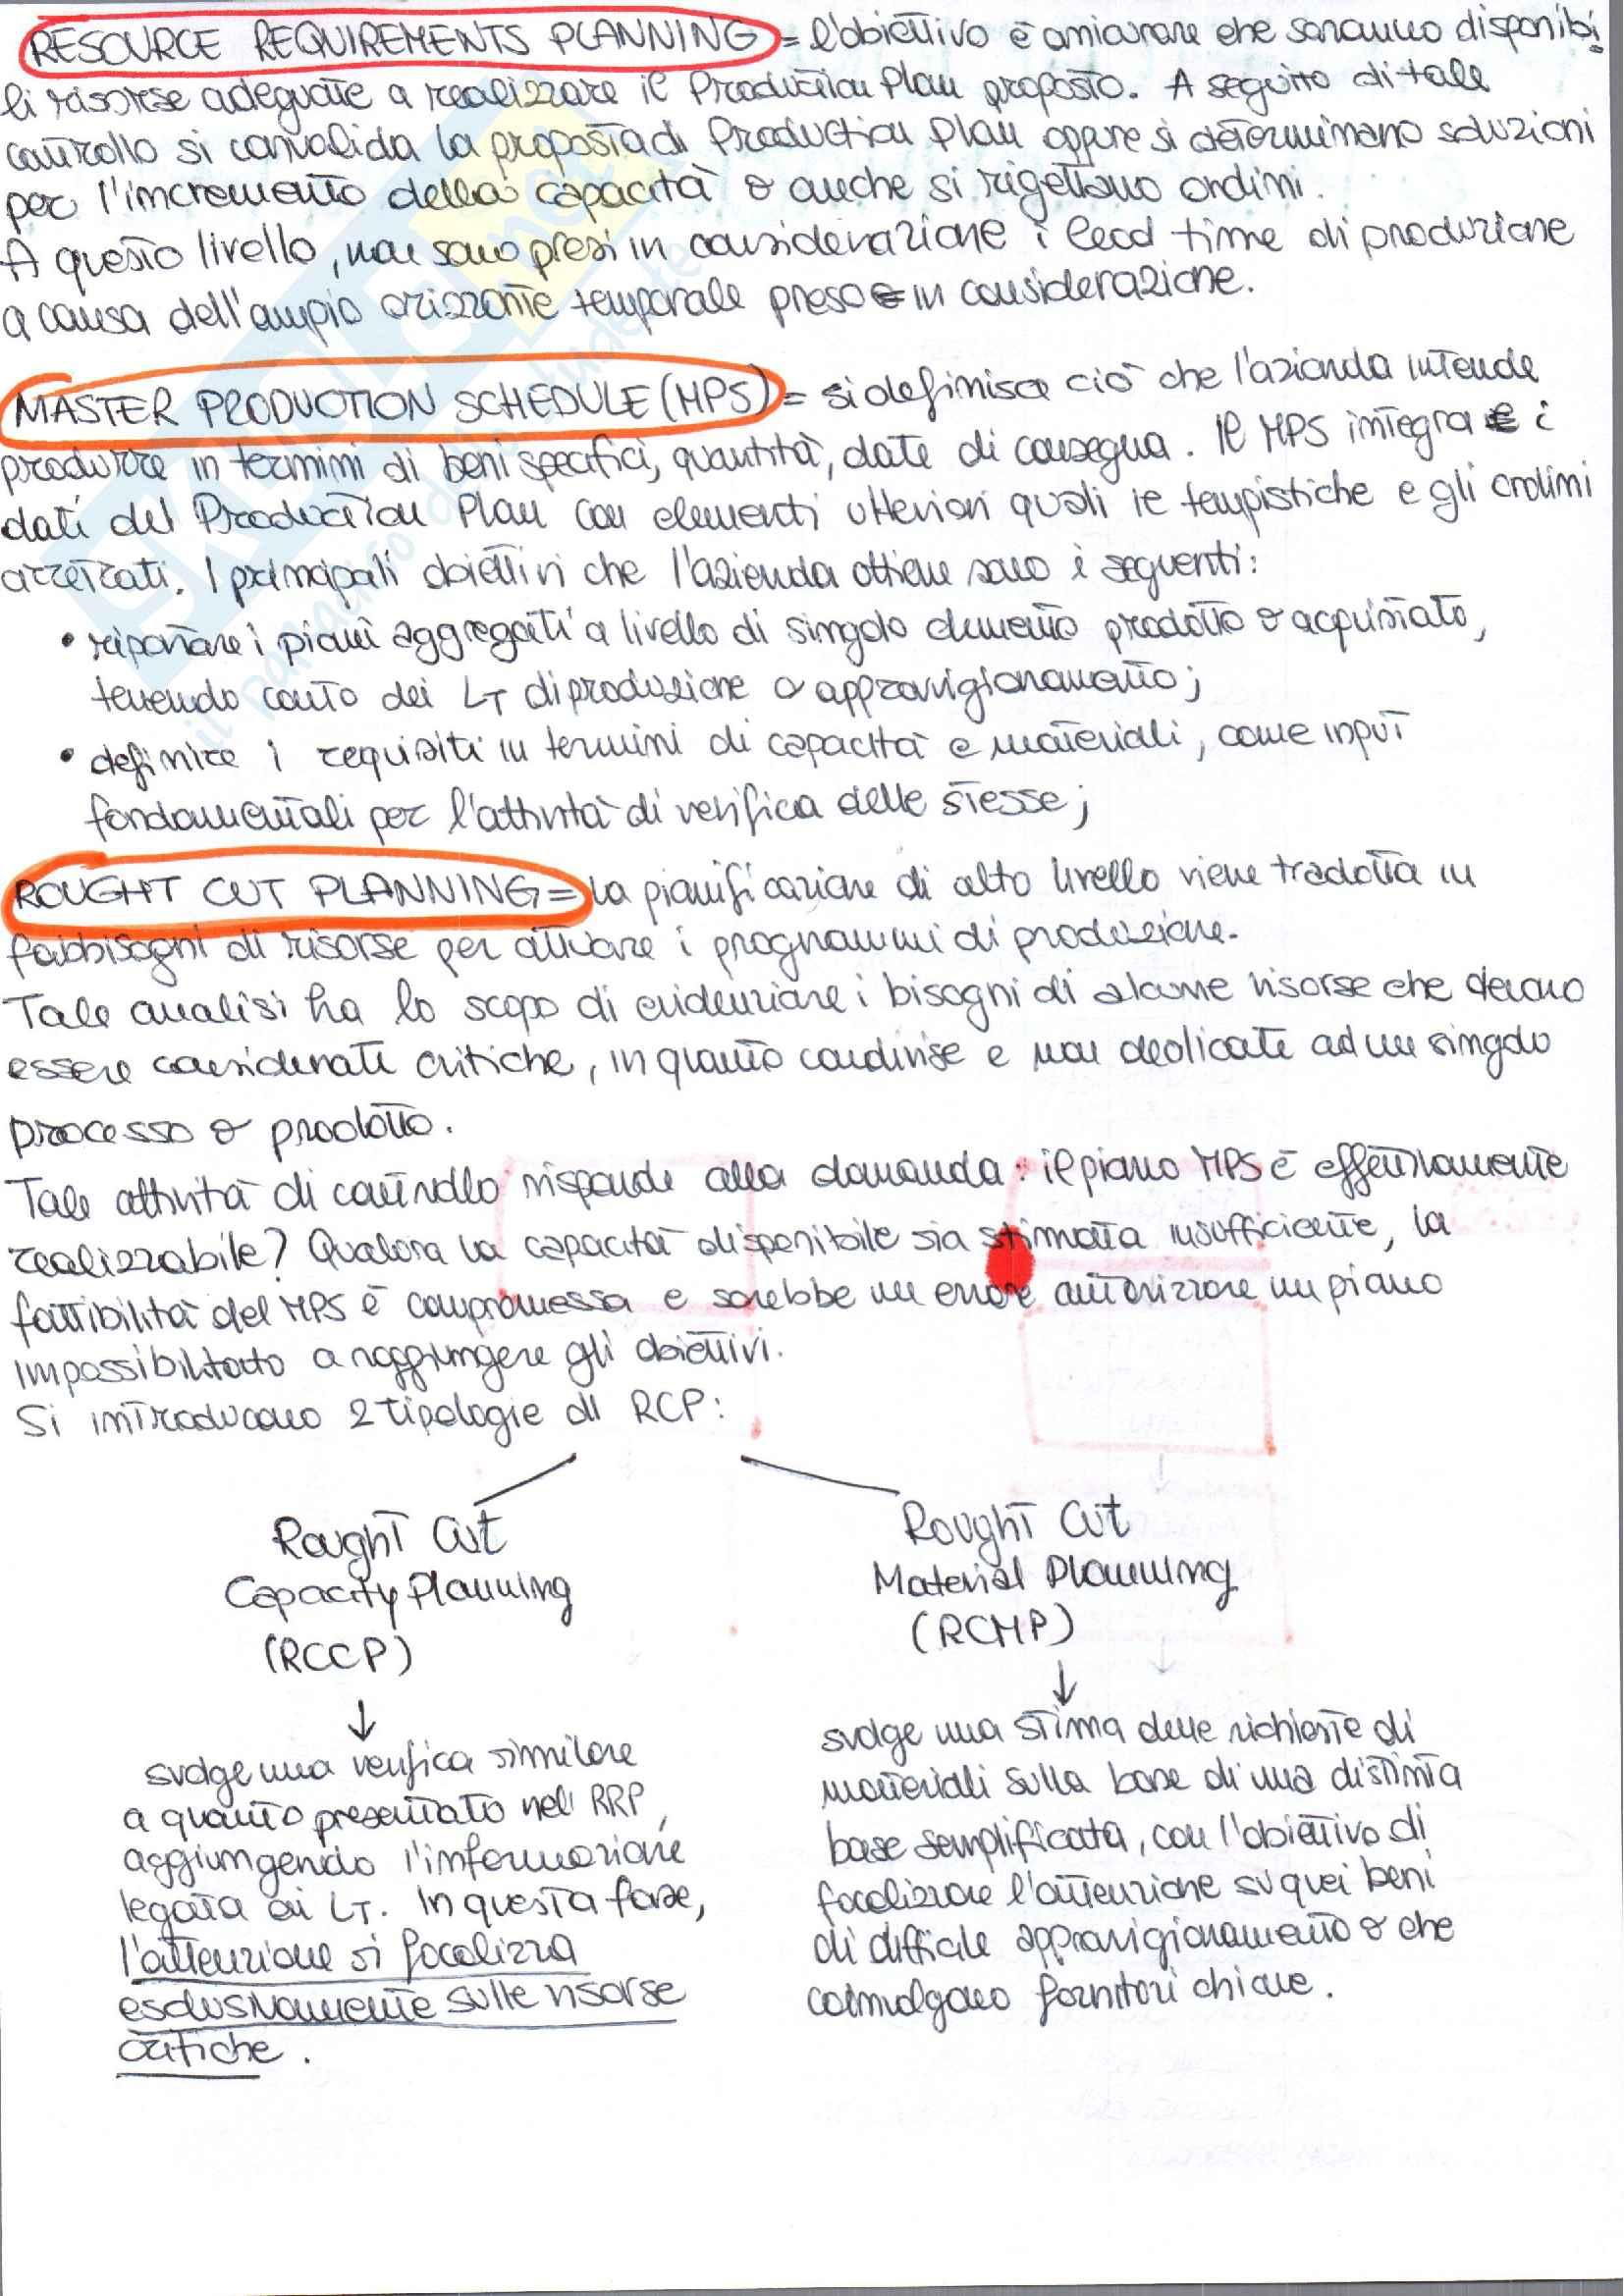 Appunti di Gestione degli Impianti Industriali prof. Costantino Pag. 26